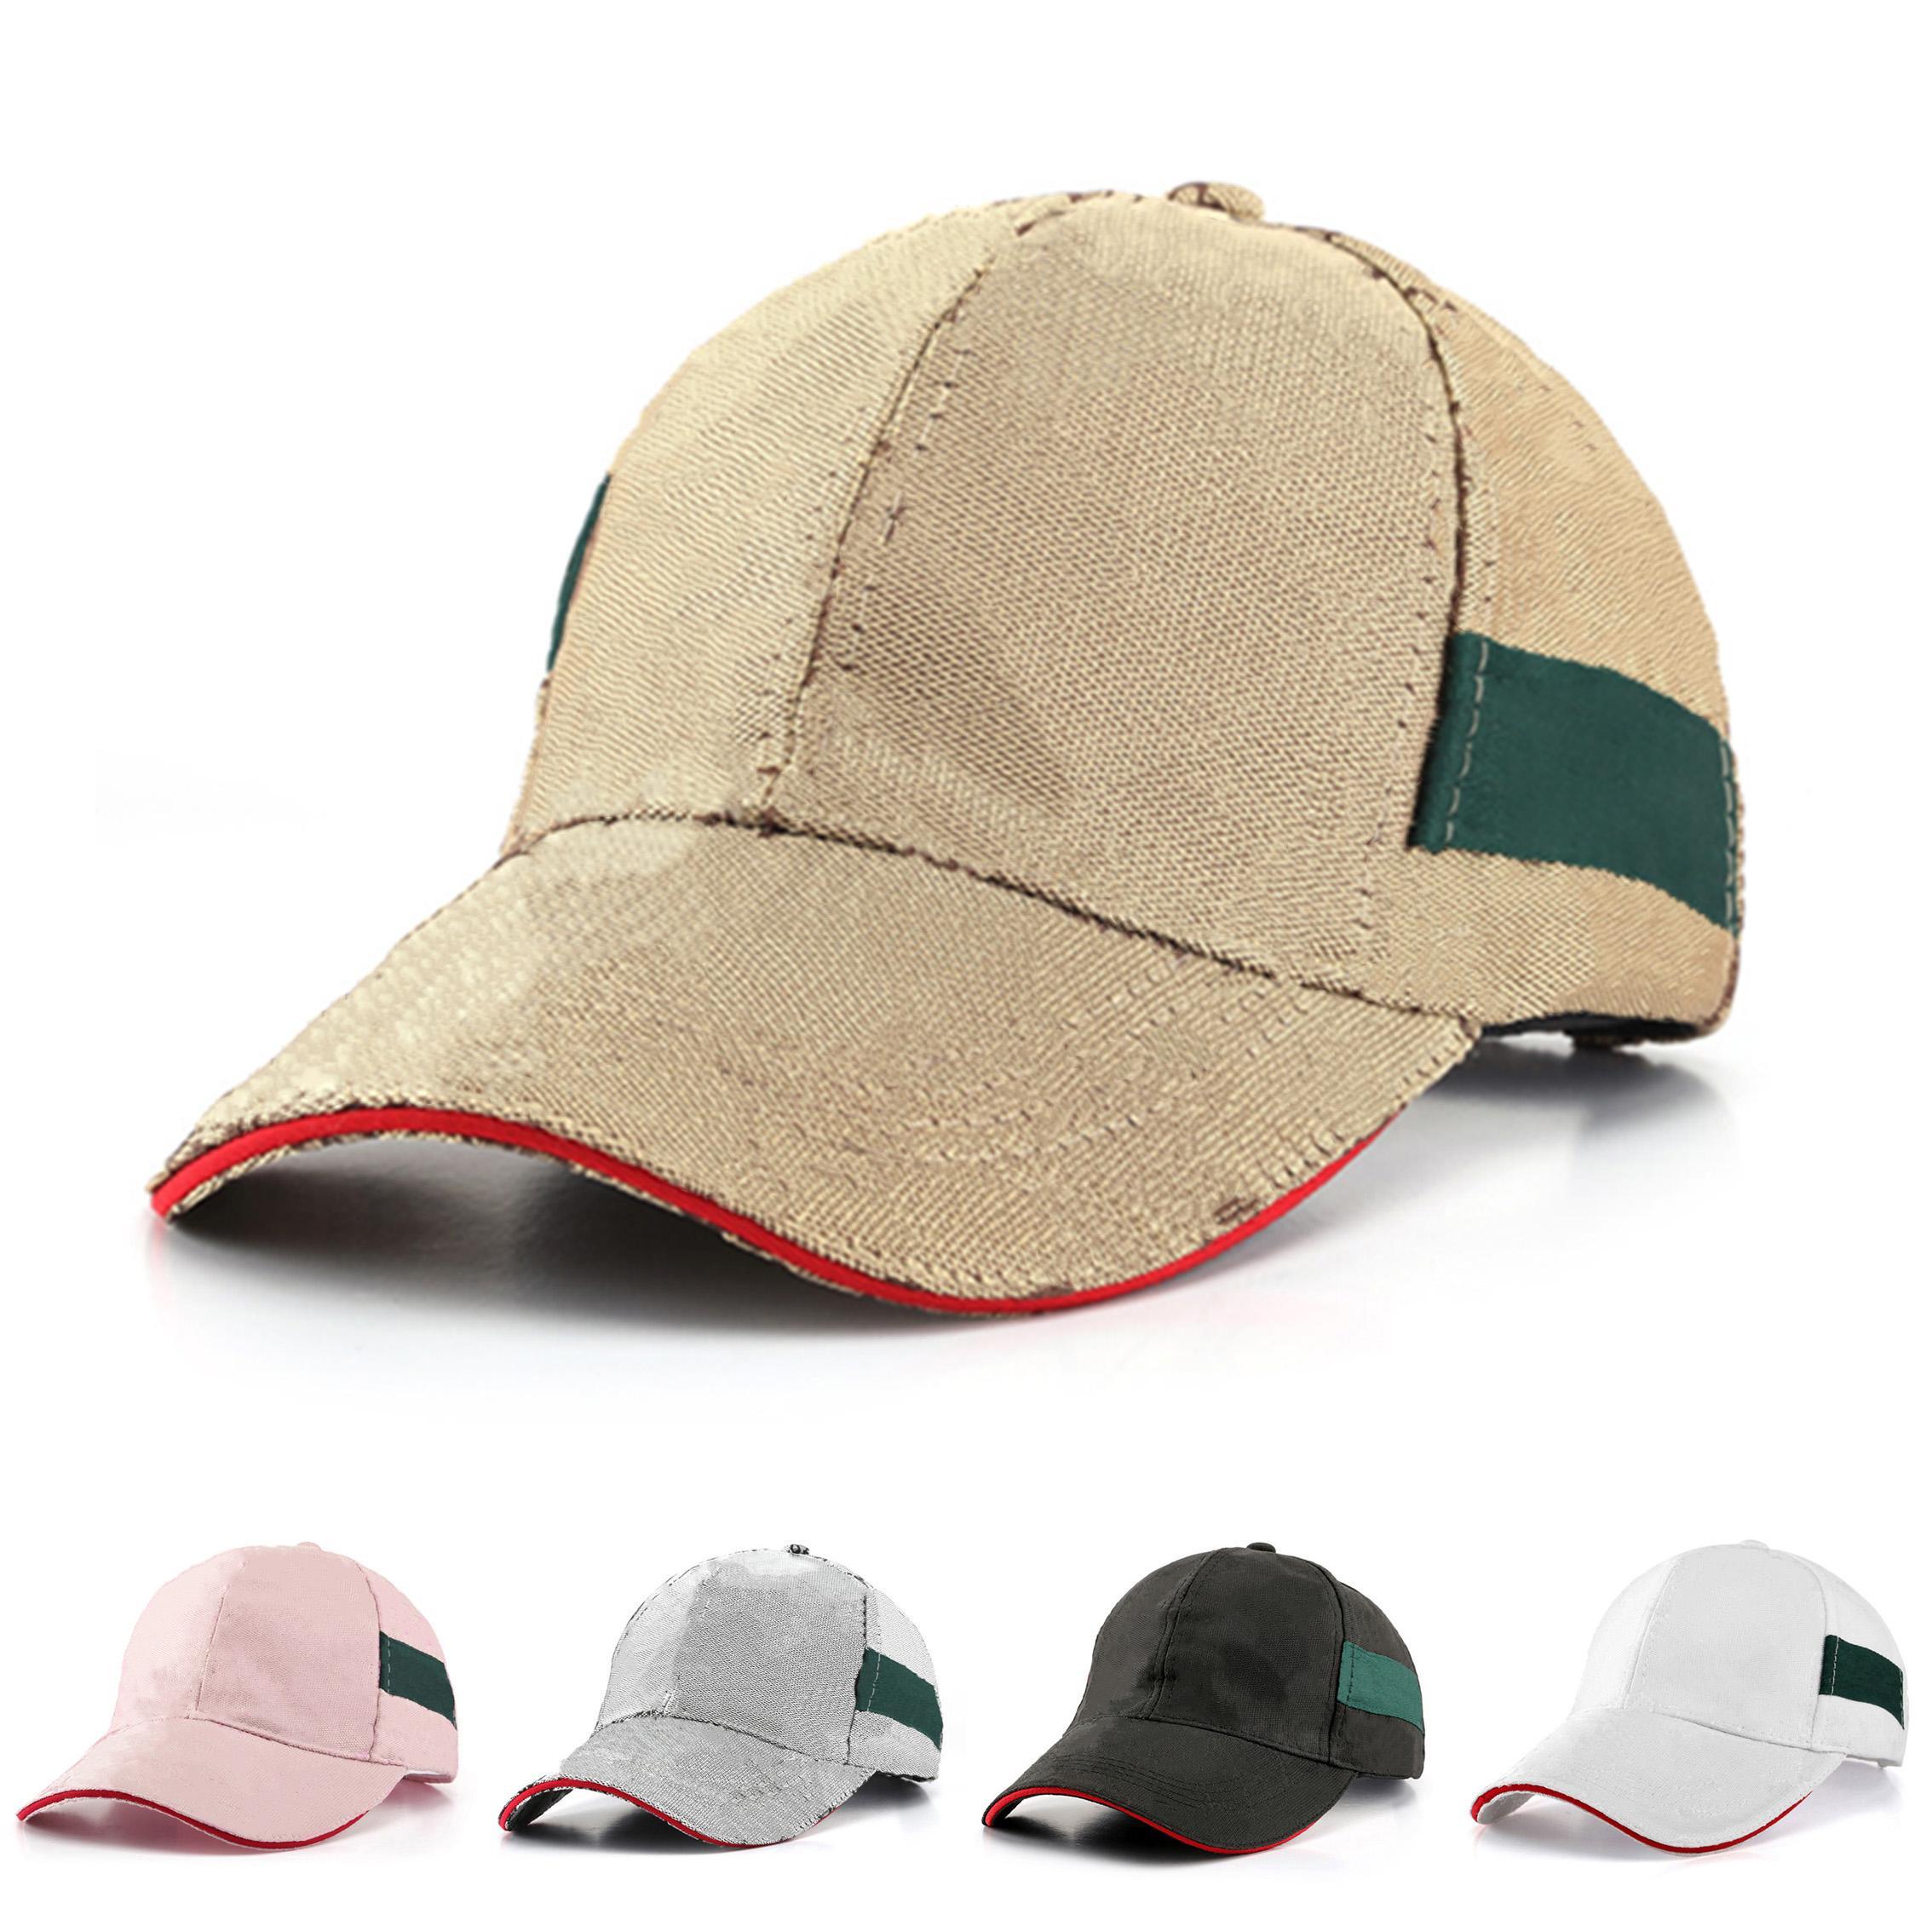 مان قبعات إمرأة القبعات الكبار الأزياء شارع البيسبول قابل للتعديل قبعة قبة الرياضة قبعة قبعات مع رسائل متعددة أنماط اختياري 2021